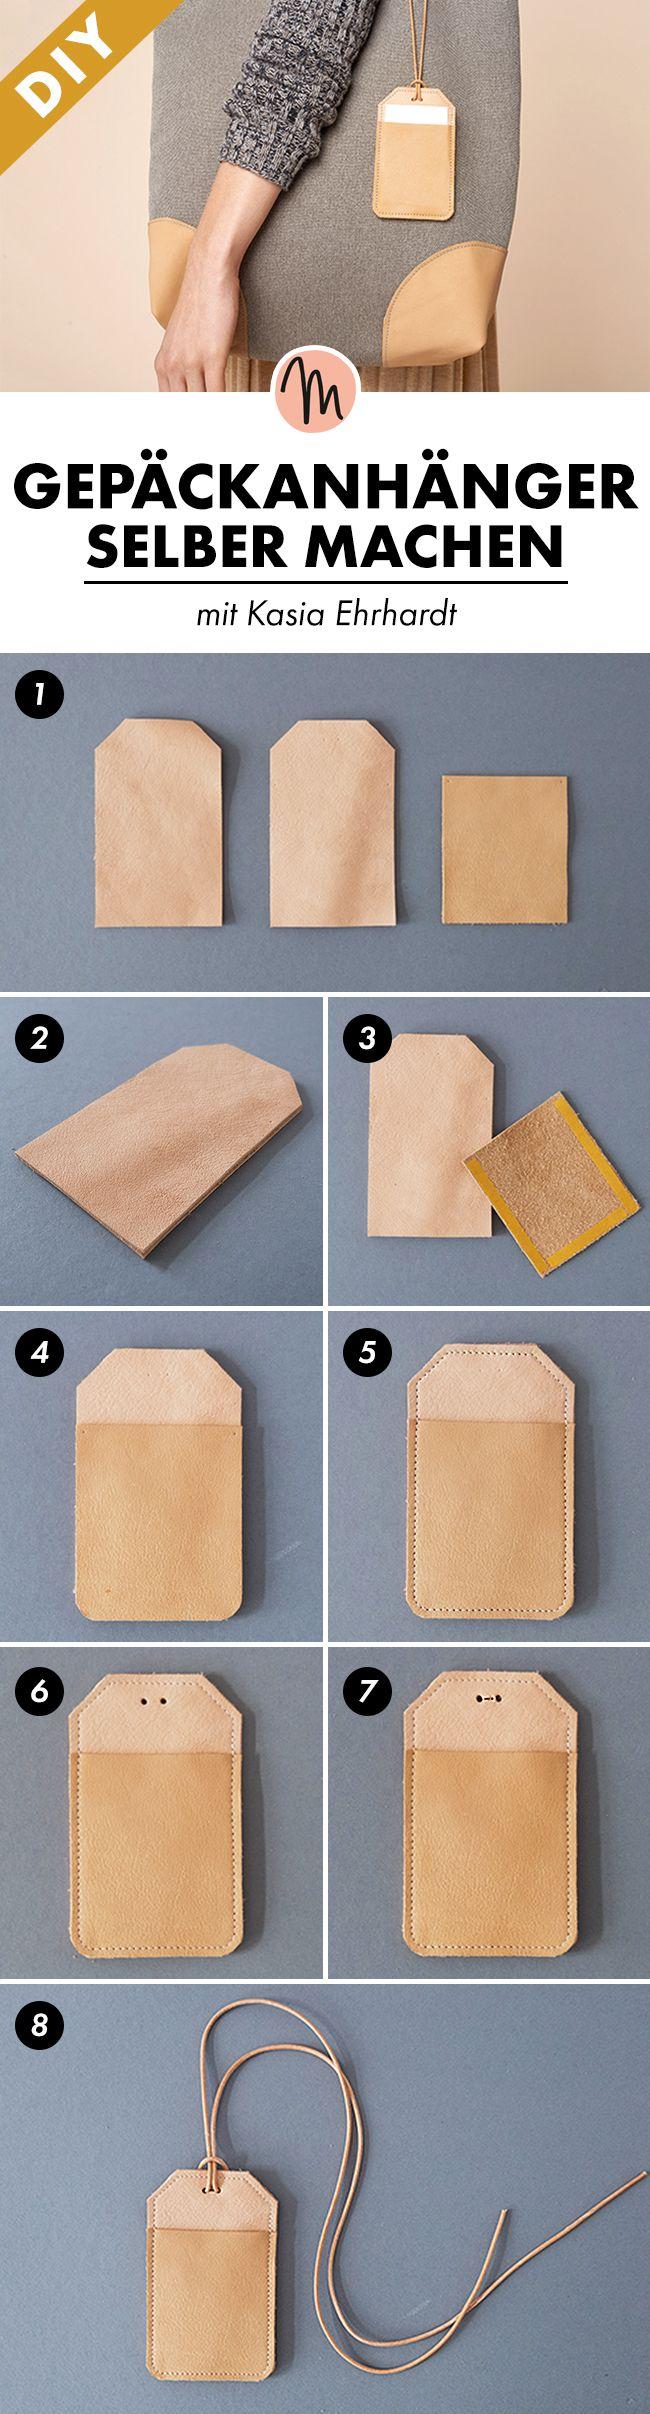 944 best Taschen u.ä. Nähen images on Pinterest | Bags, Sewing ...